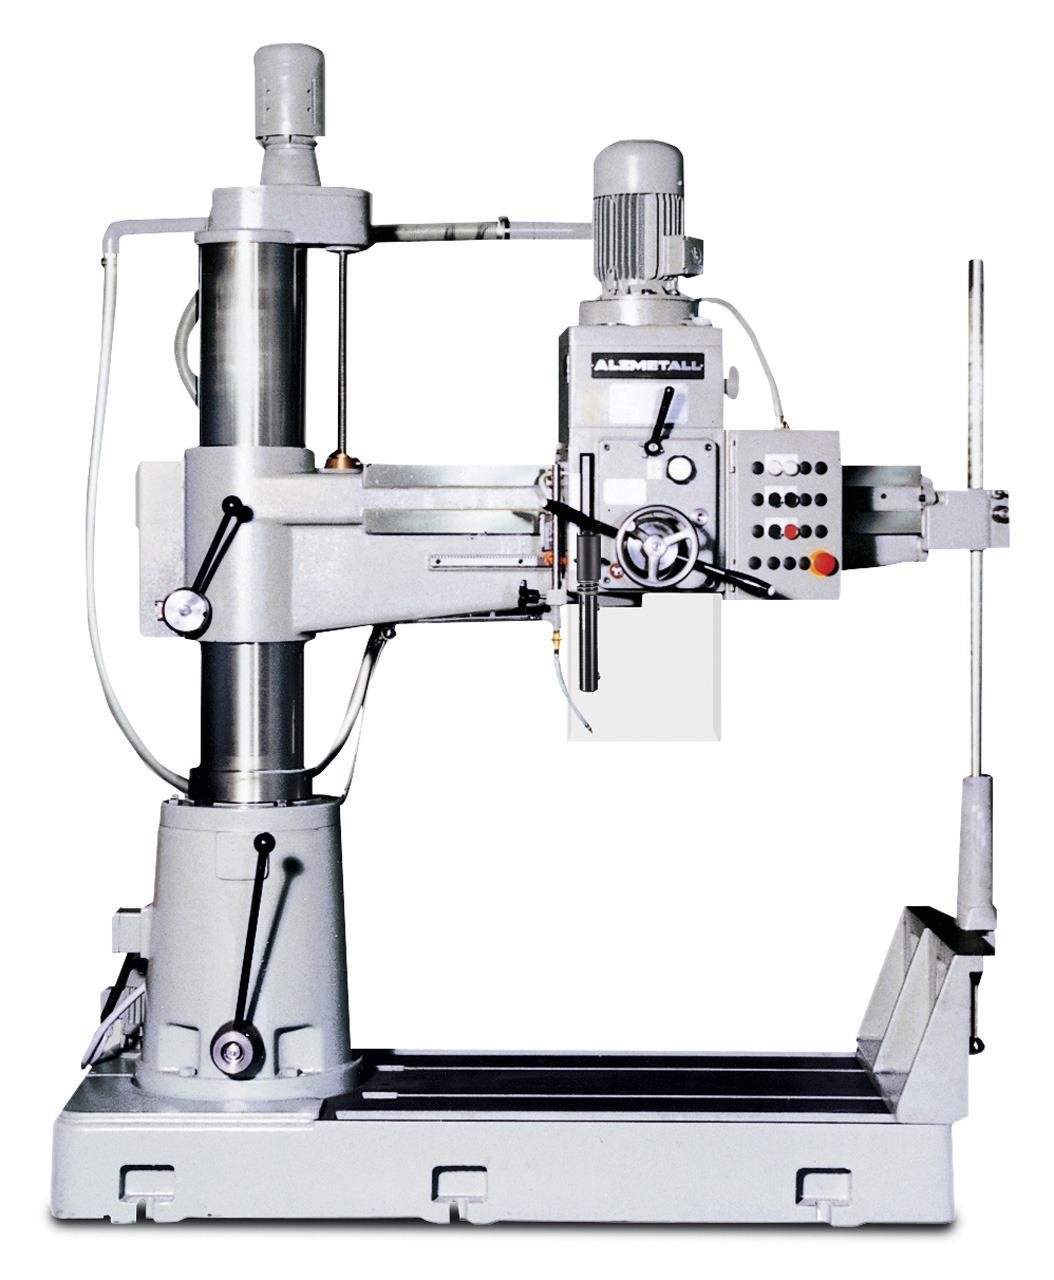 Bild der Alzmetall AB 30/R-1400 Radialbohrmaschine